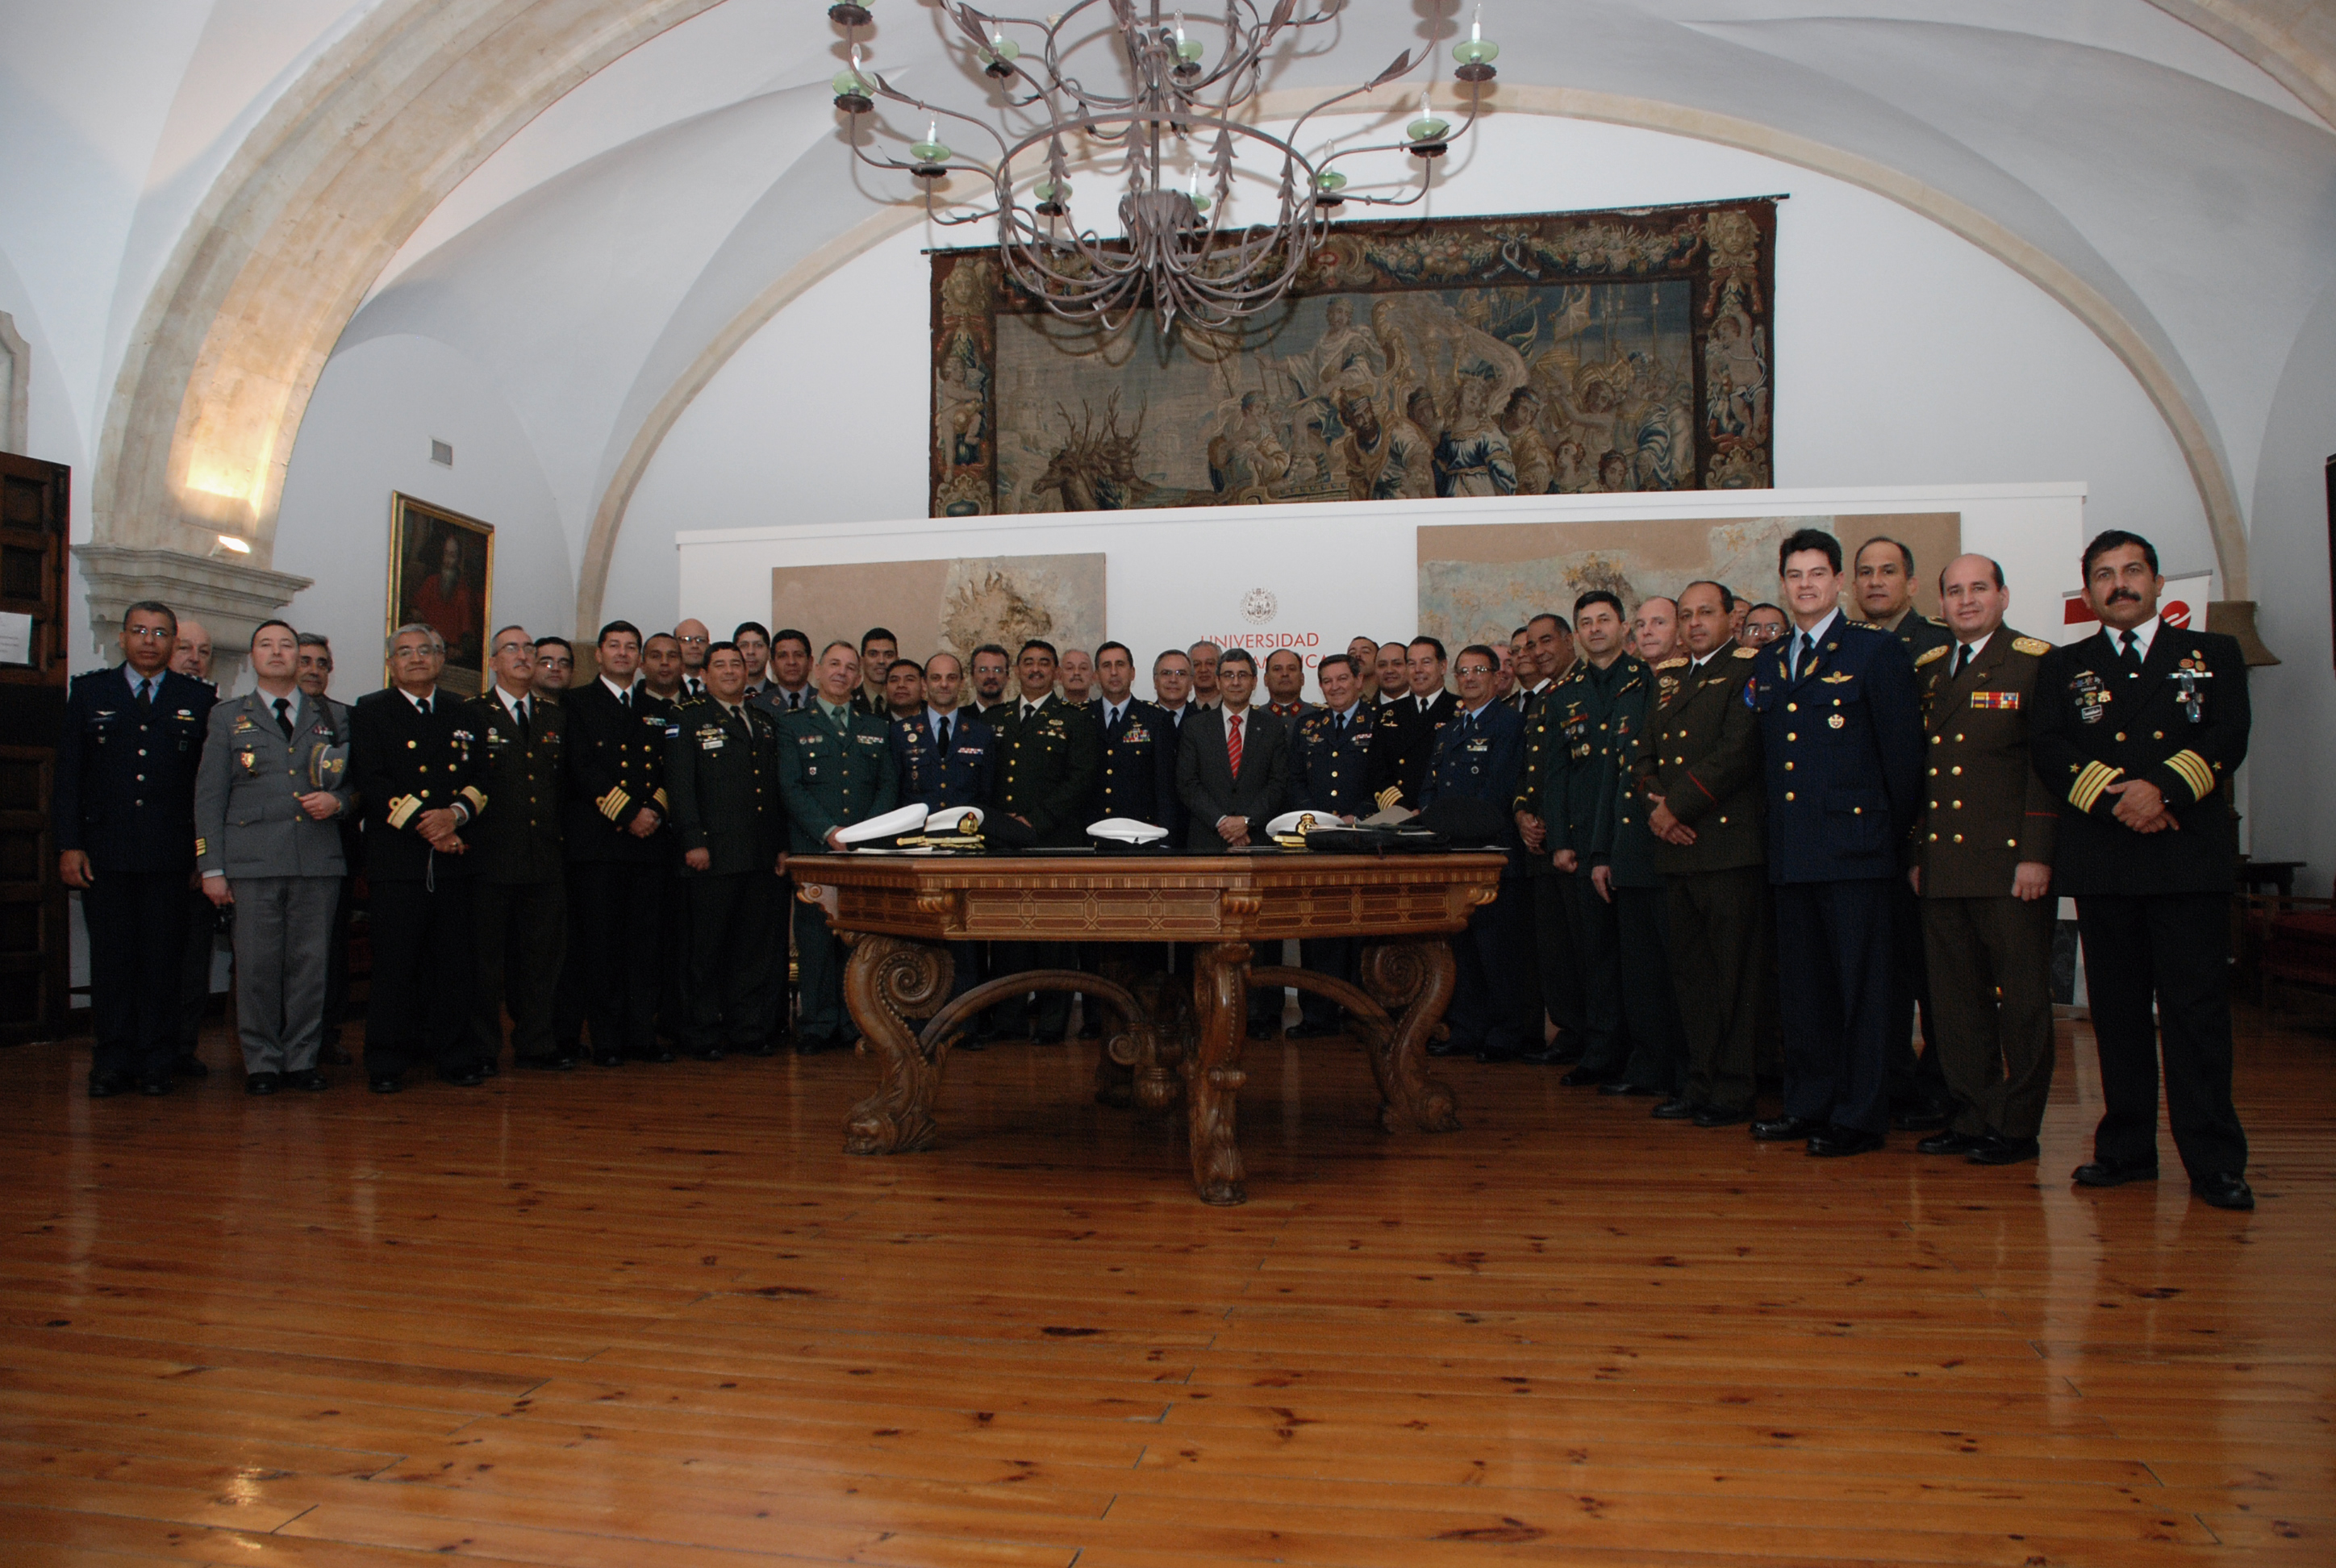 El vicerrector de Docencia preside el acto de entrega de diplomas del XI Curso de Altos Estudios para Oficiales Superiores Iberoamericanos